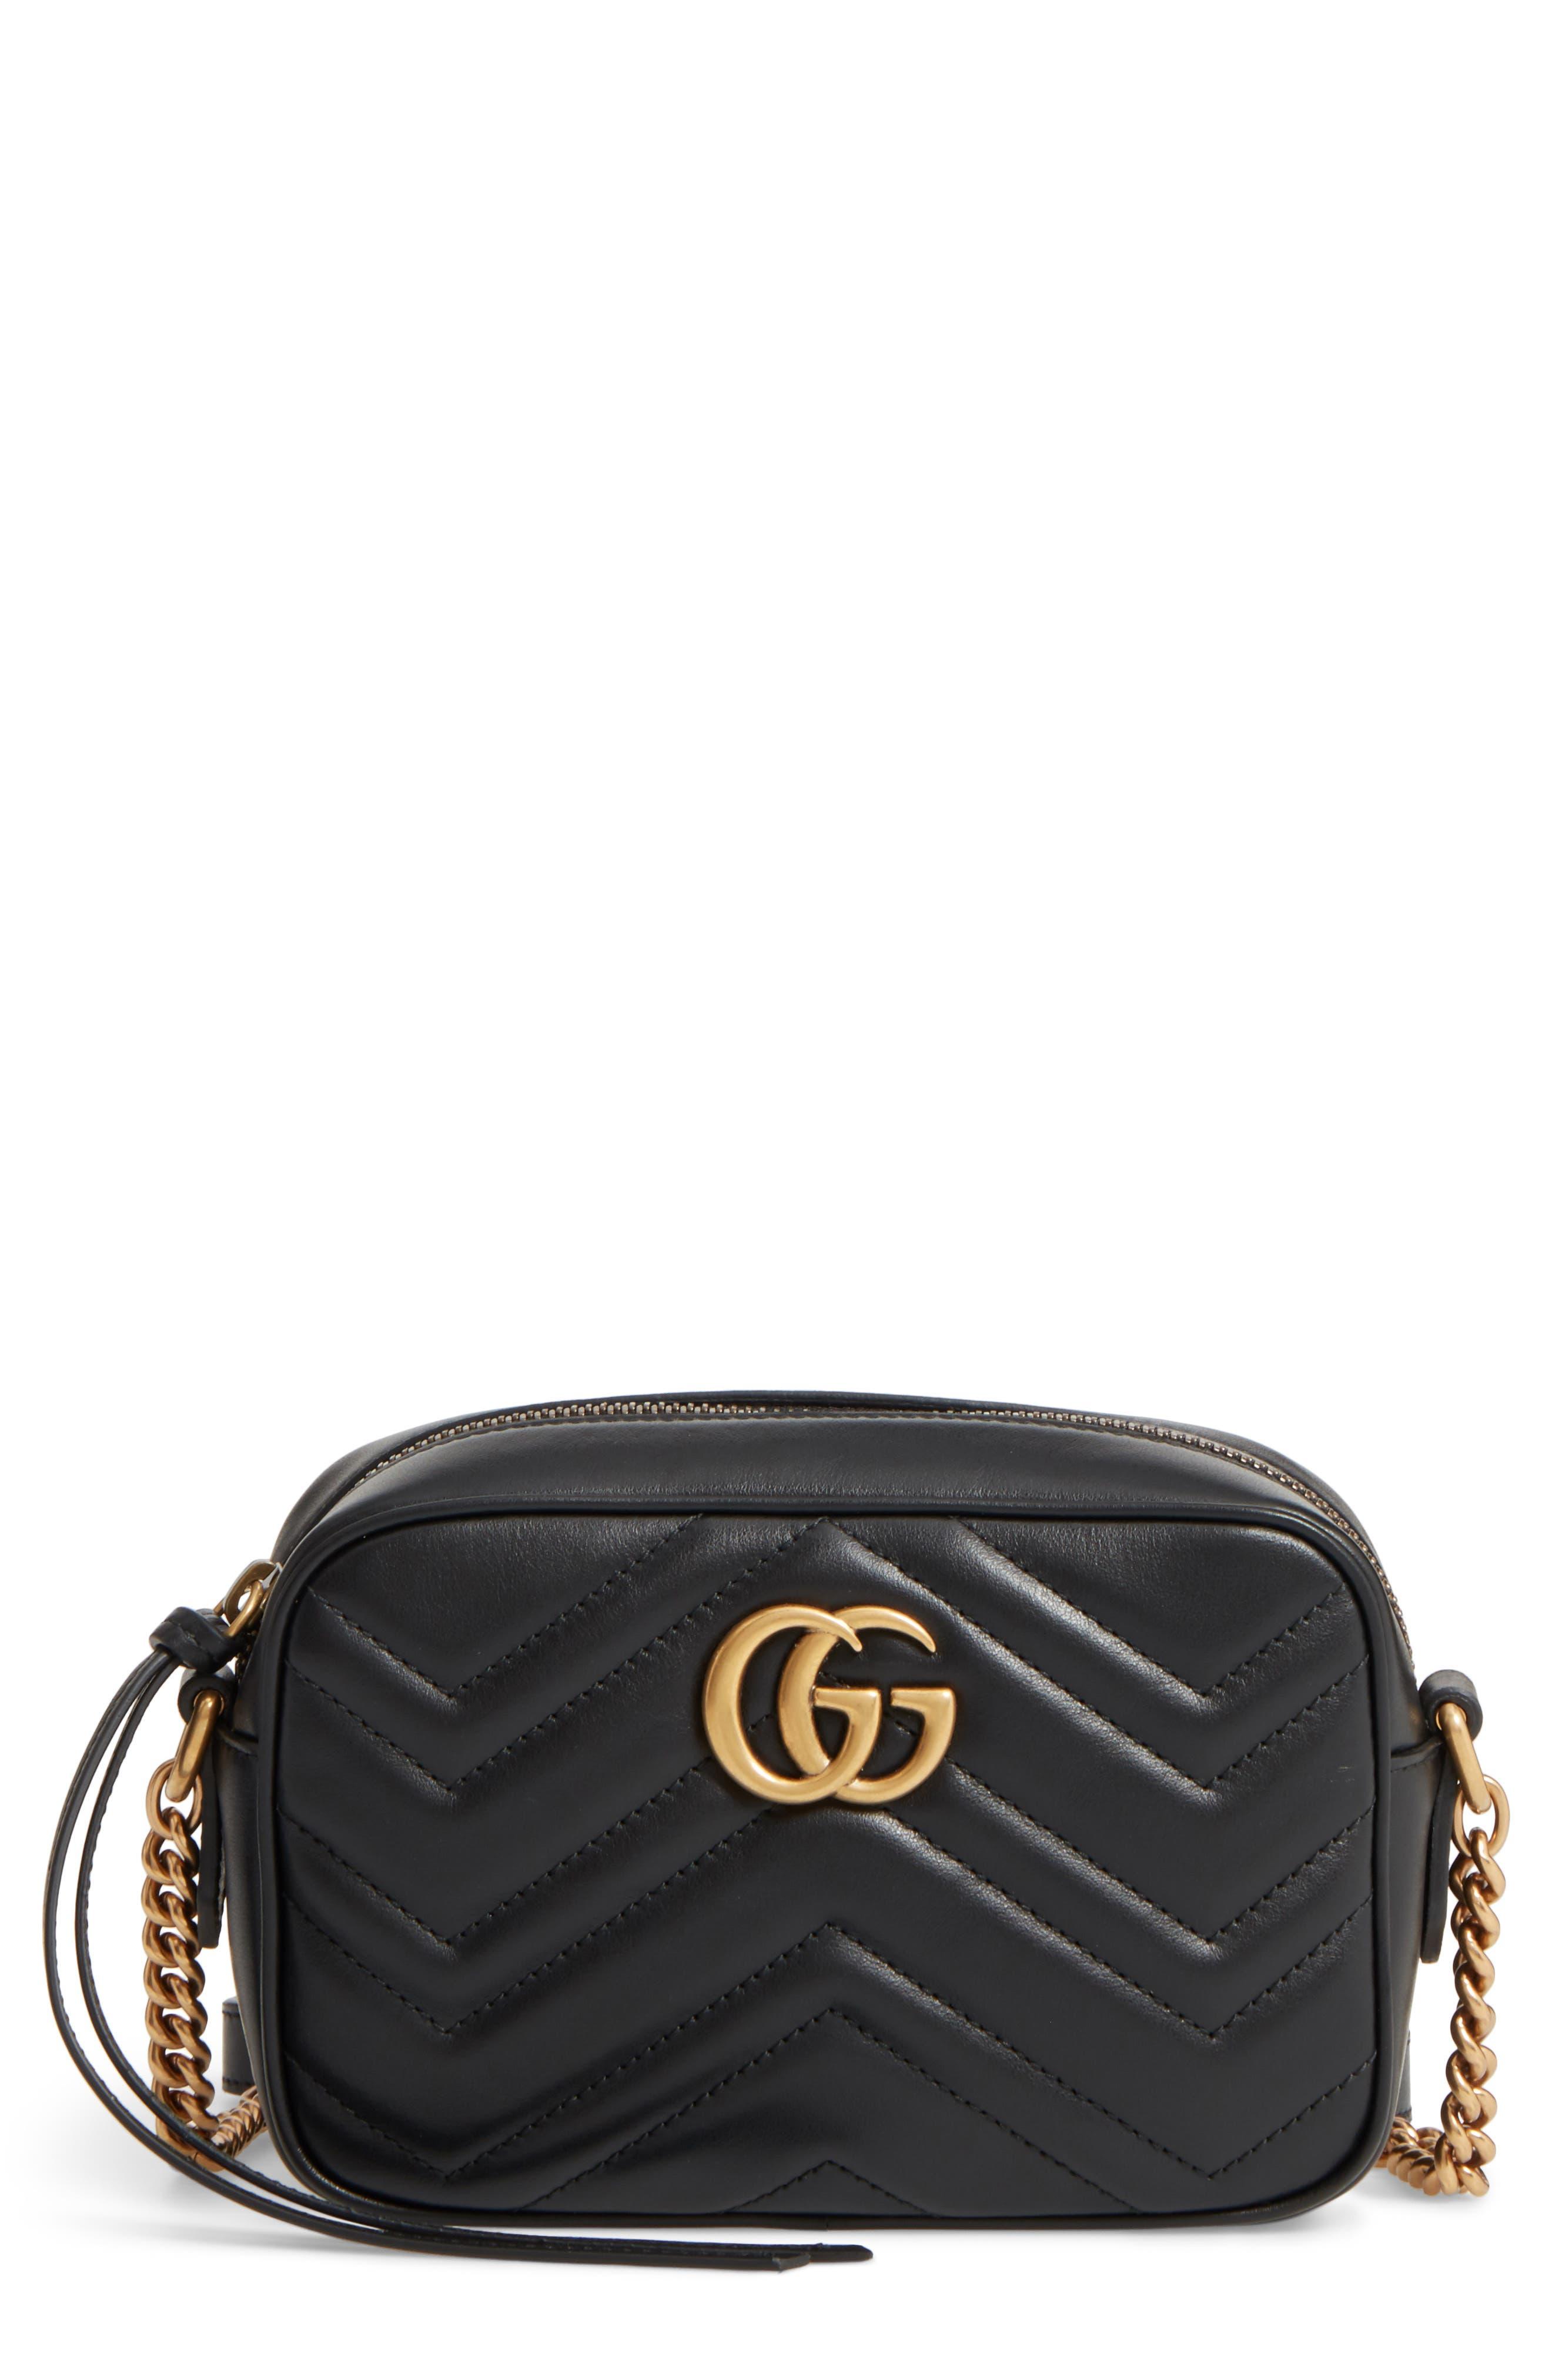 Main Image - Gucci GG Marmont 2.0 Matelassé Leather Shoulder Bag